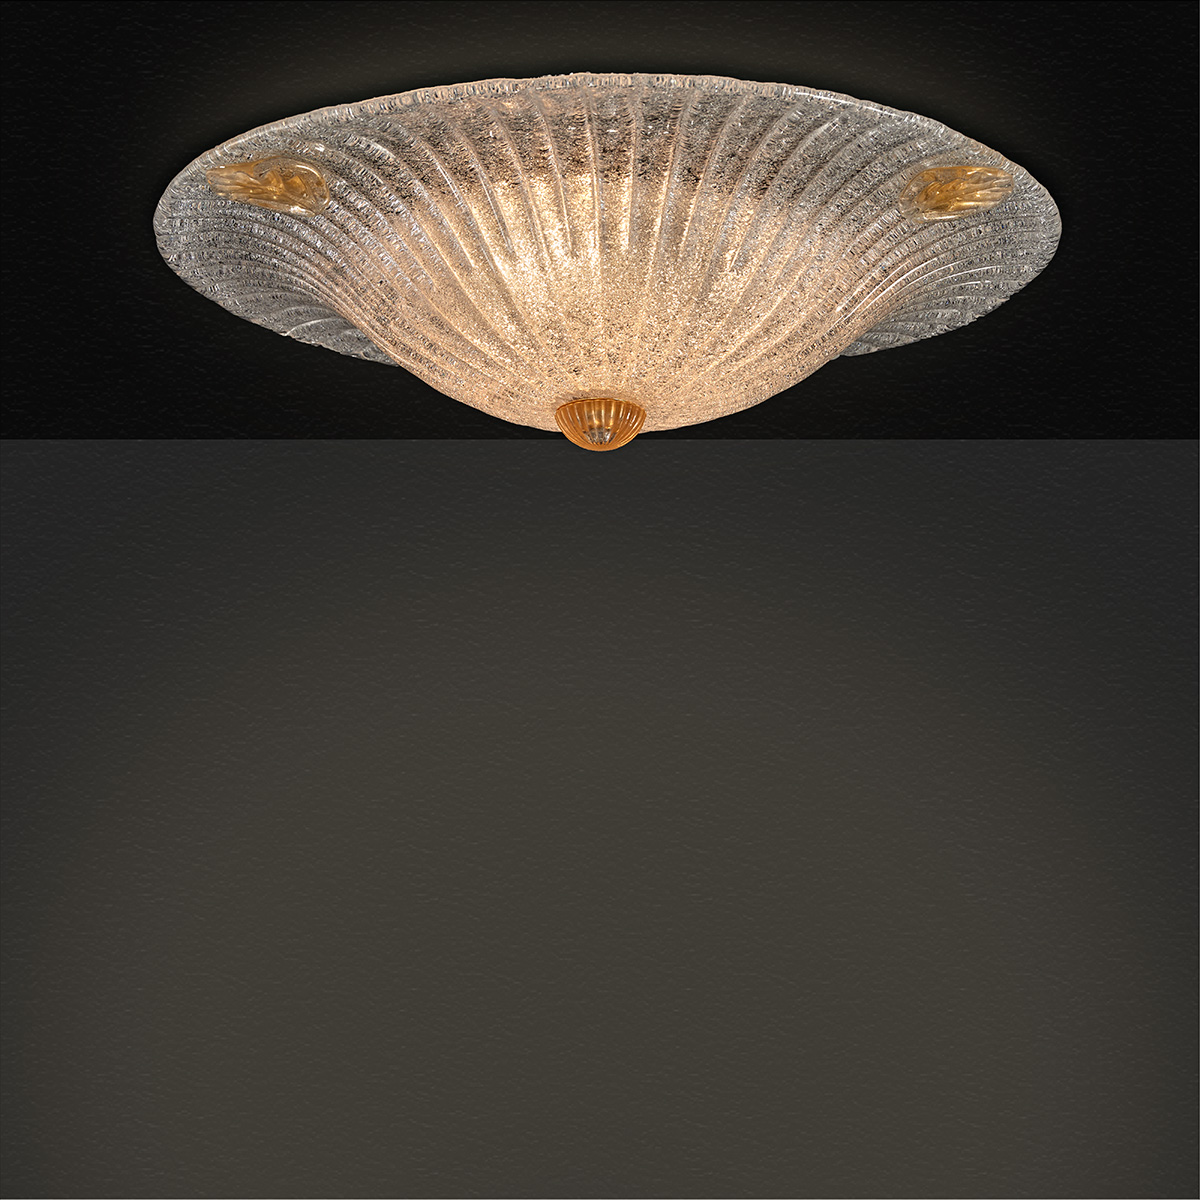 Κλασικό φωτιστικό οροφής ΦΥΛΛΟ classic ceiling lamp